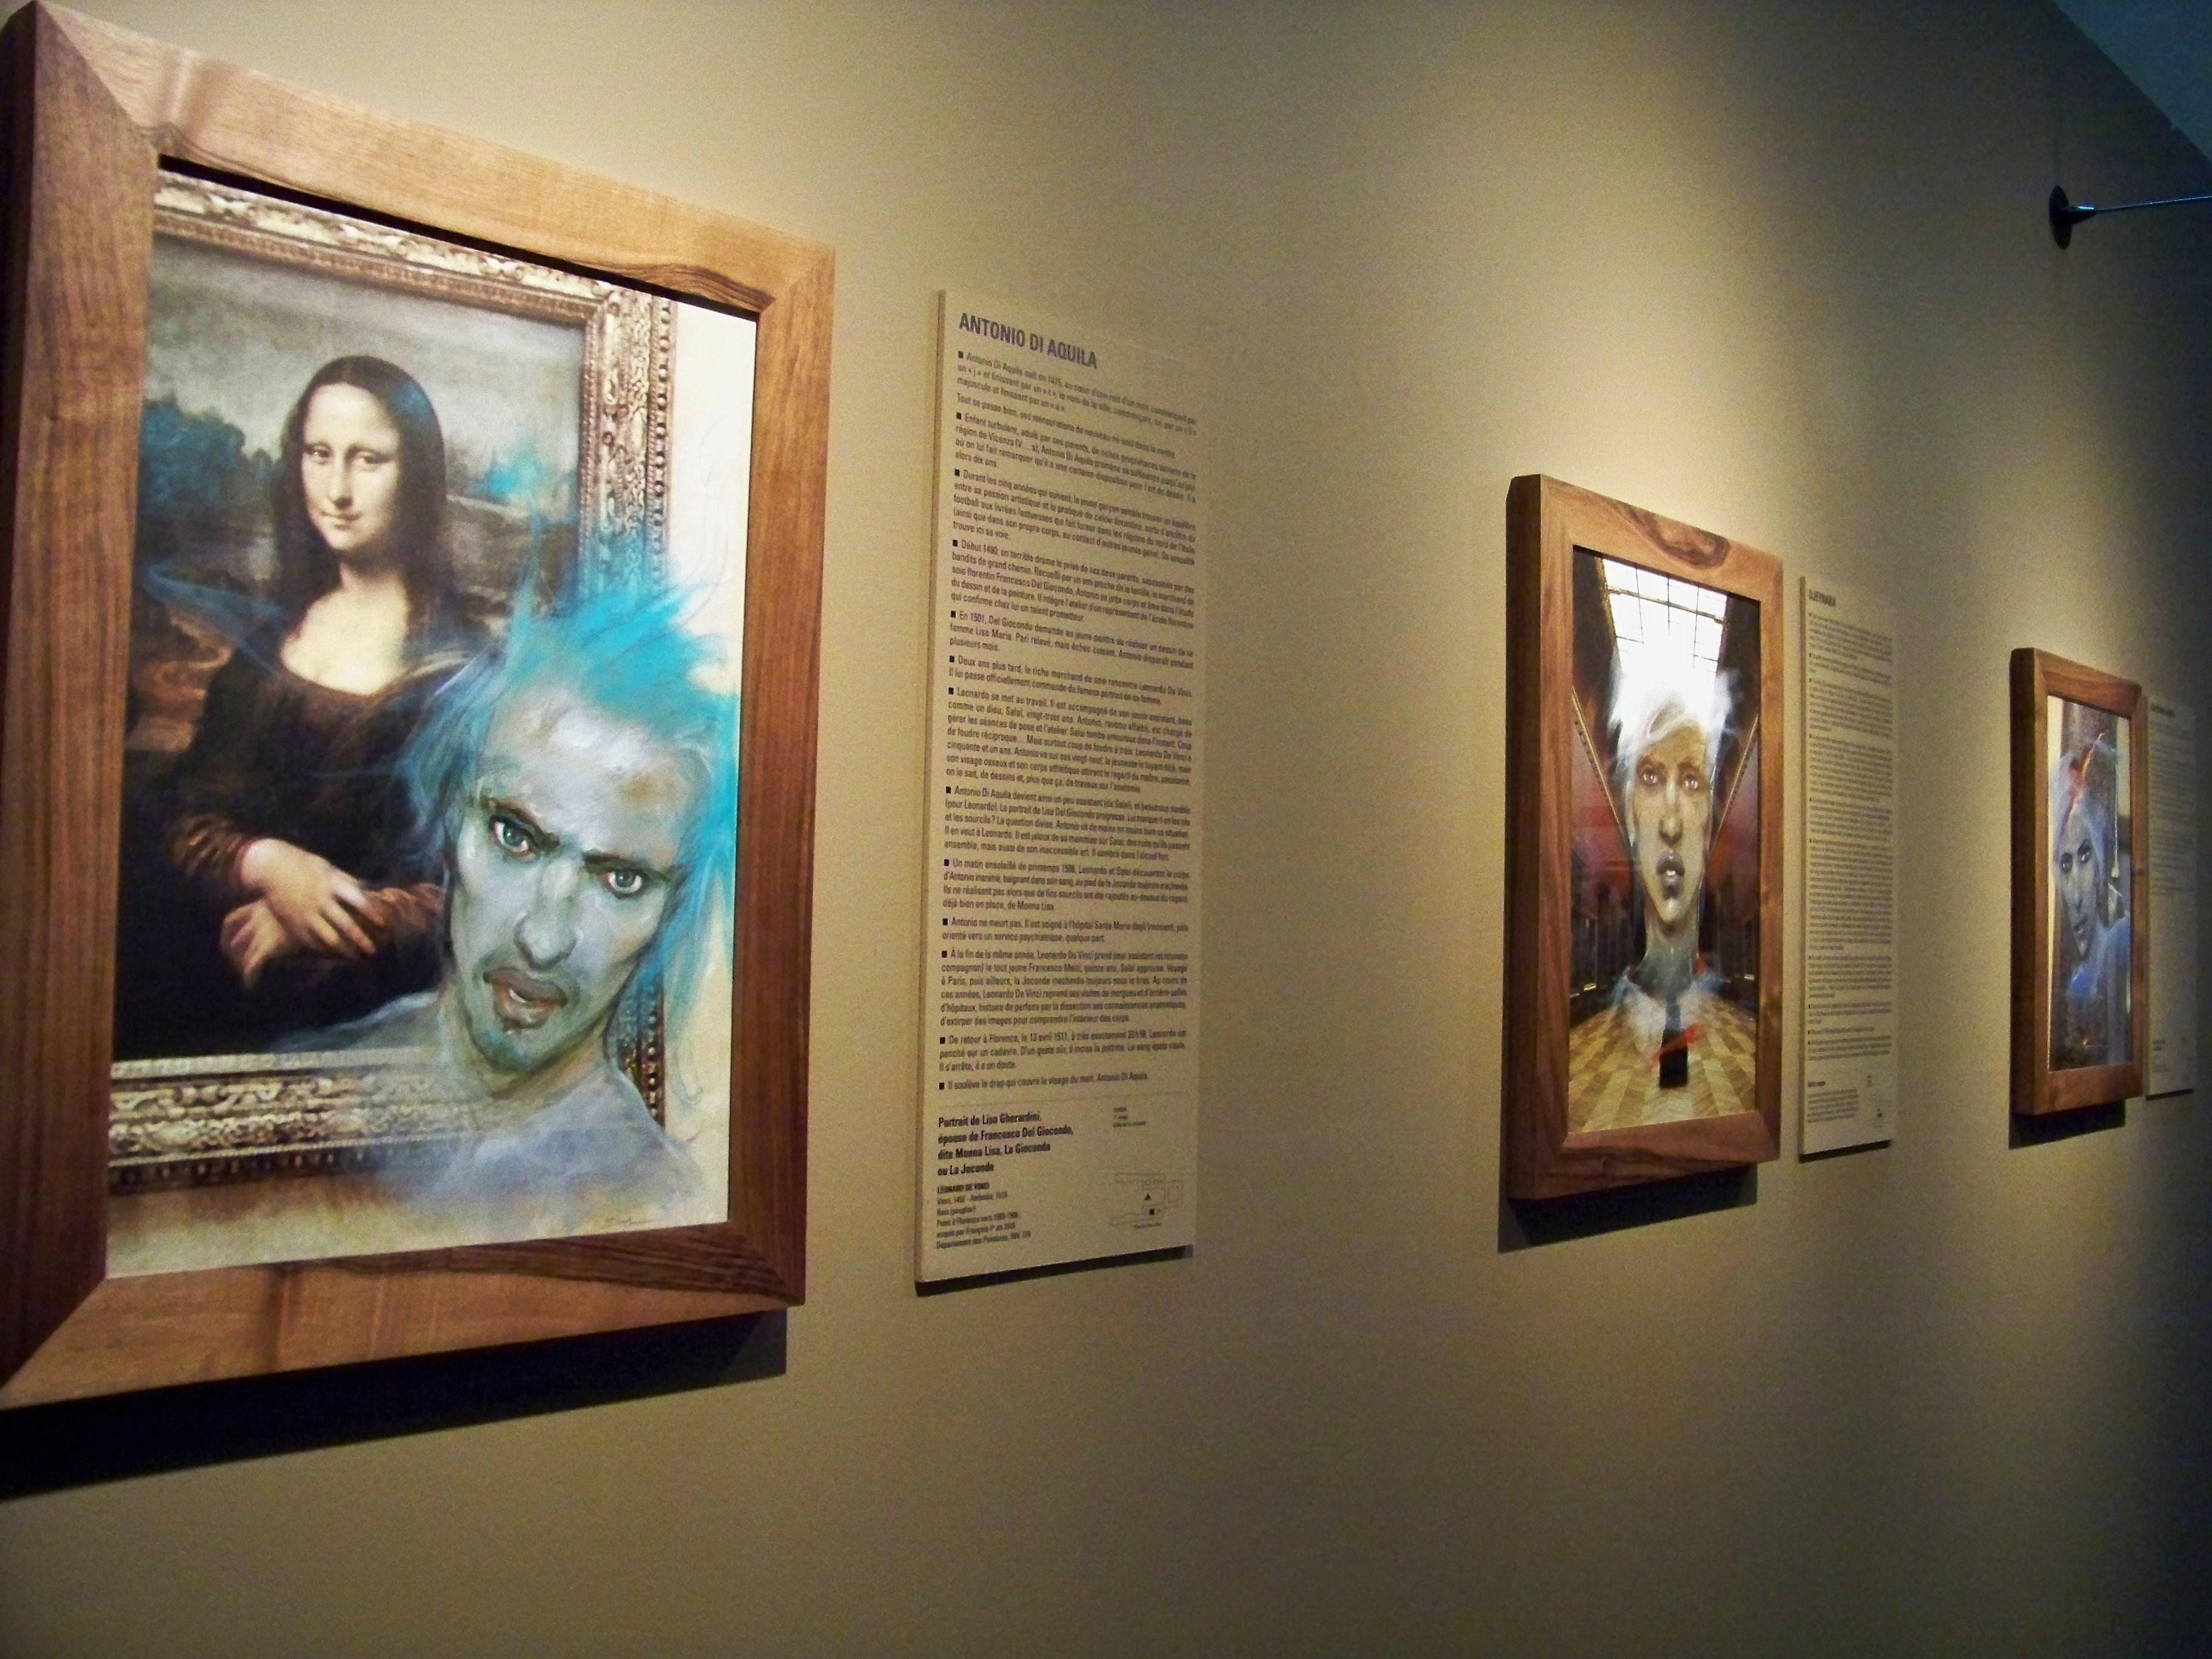 Les fantômes d'Enki Bilal envahissent le Louvre